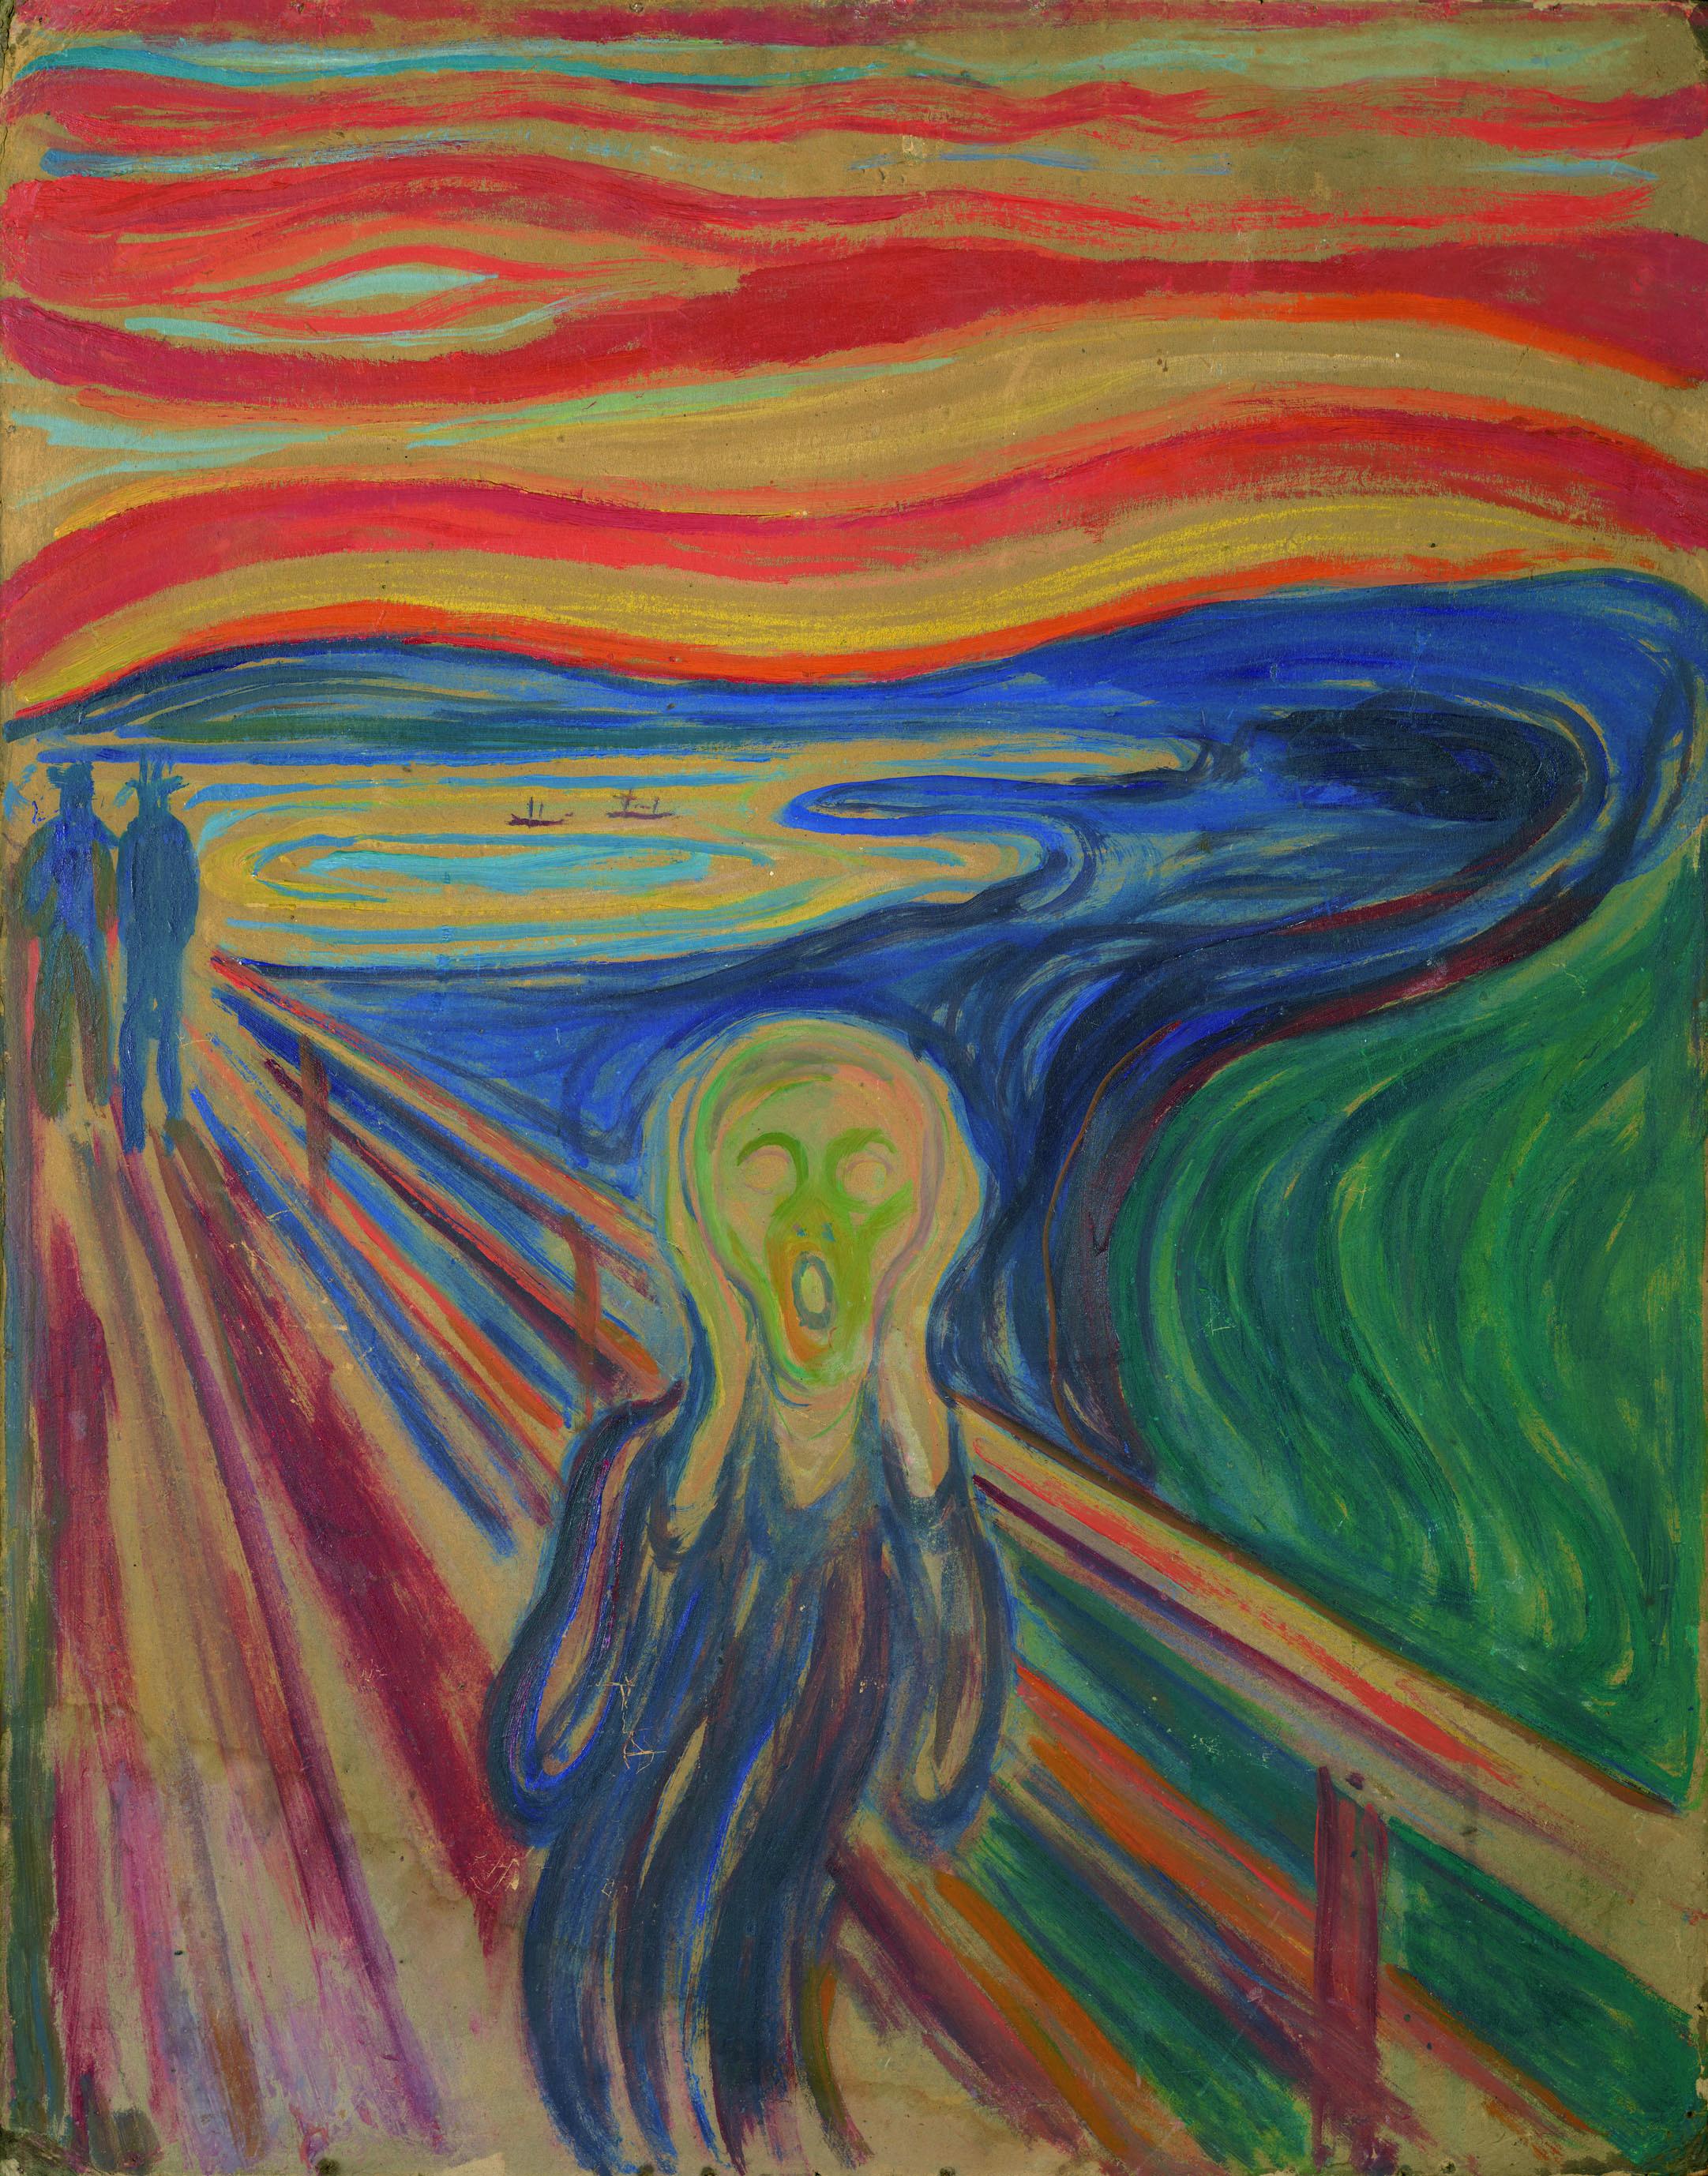 エドヴァルド・ムンク《叫び》1910年? テンペラ・油彩、厚紙 83.5×66cm